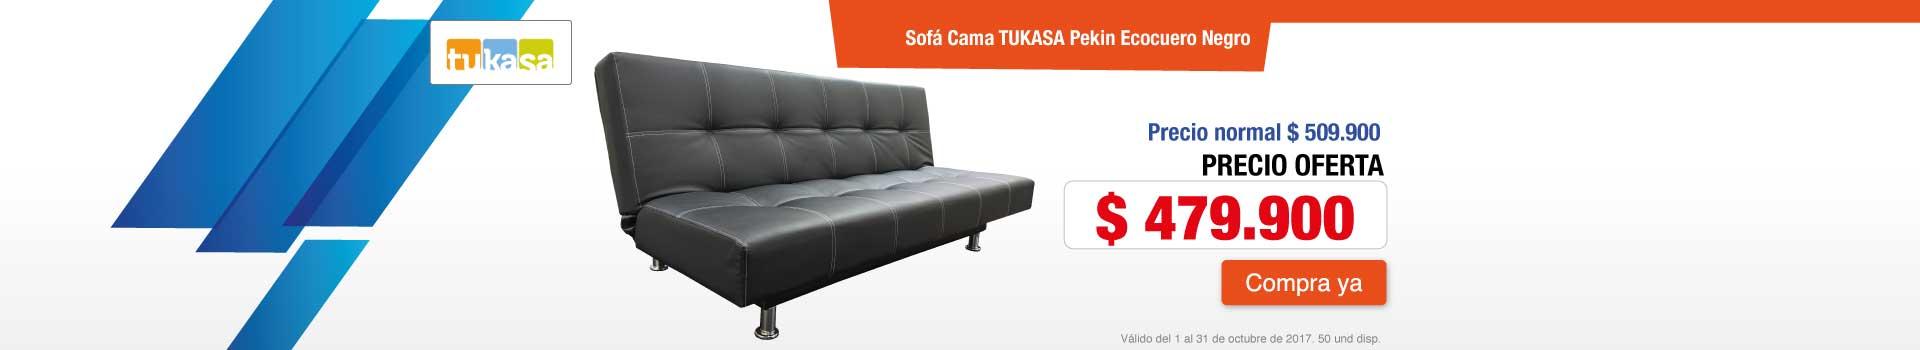 CAT AK -1-muebles-sofacama-pekin-octubre7-31